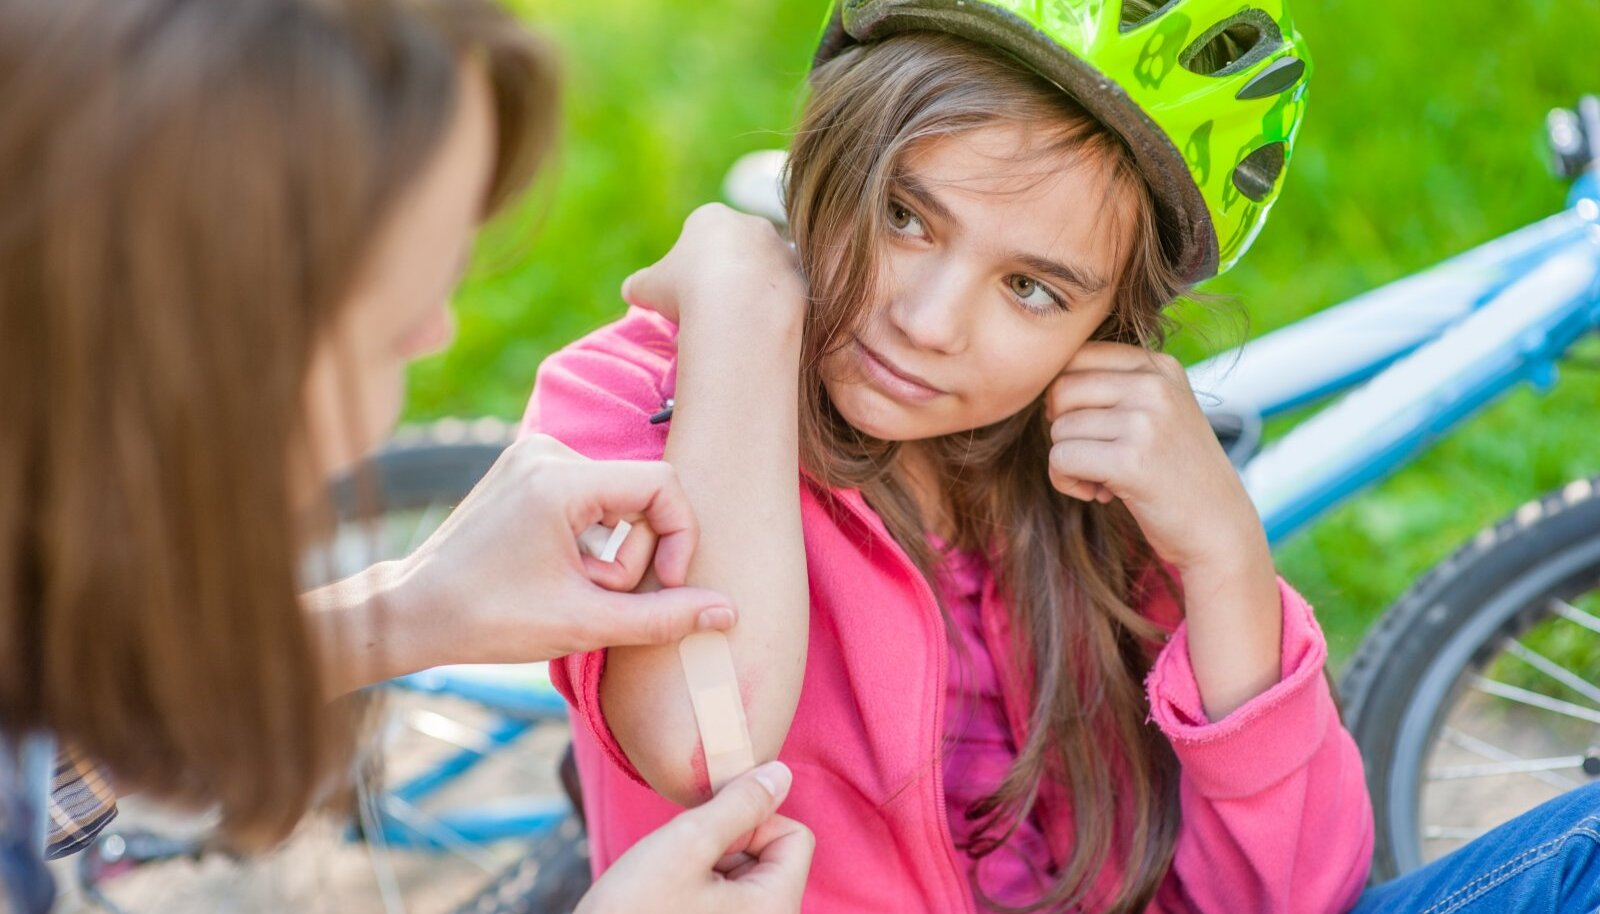 Suviste traumade jaoks tuleks koduapteeki varuda piisavalt plaastreid ning muid haavahooldusvahendeid.